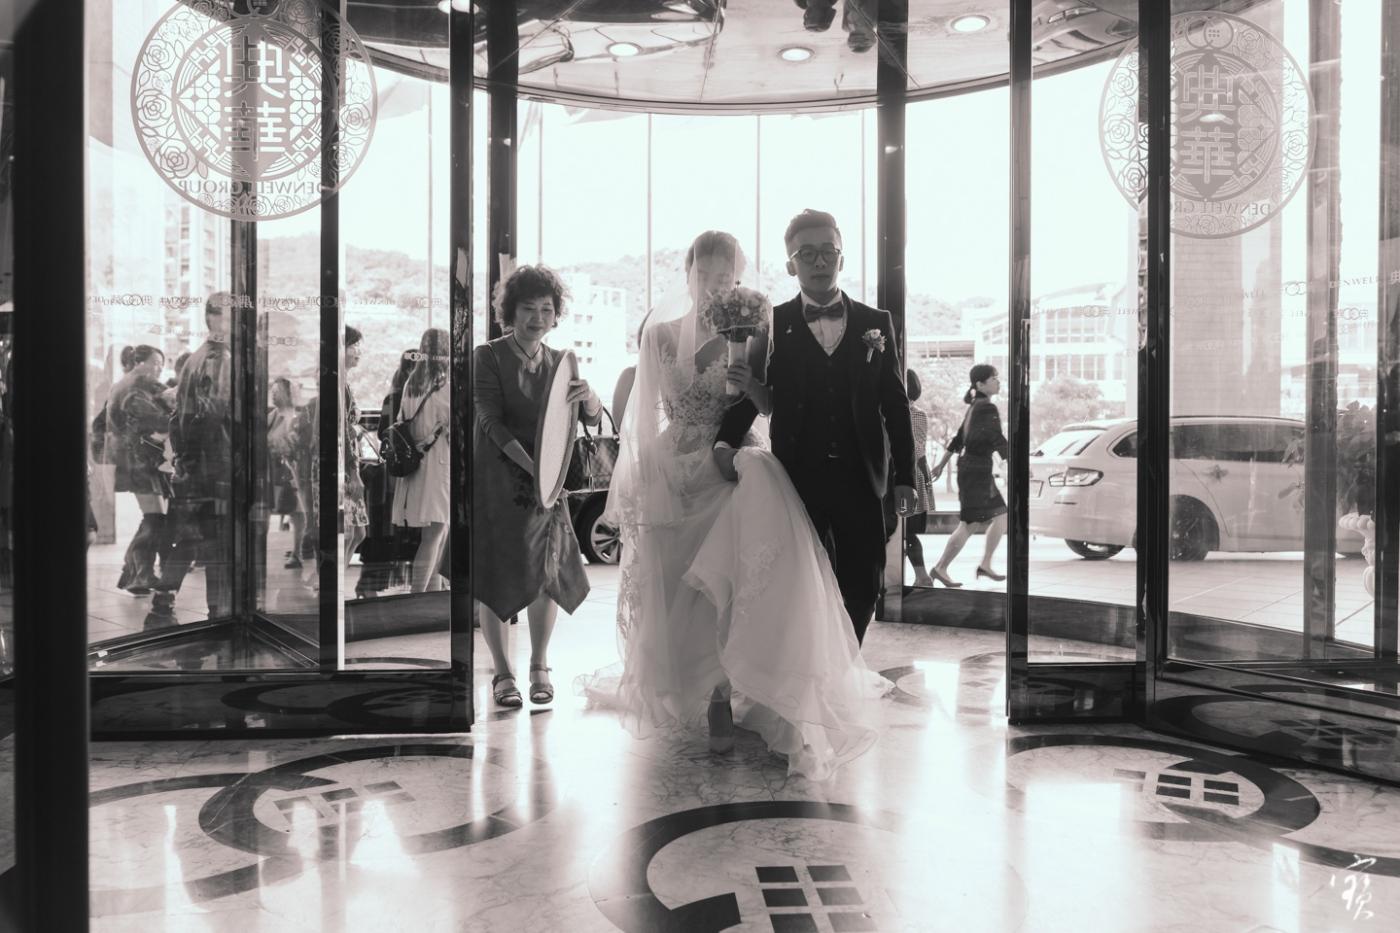 婚禮攝影 婚紗 大直 典華 冬半影像 攝影師大寶 北部攝影 台北攝影 桃園攝影 新竹攝影20181208-247